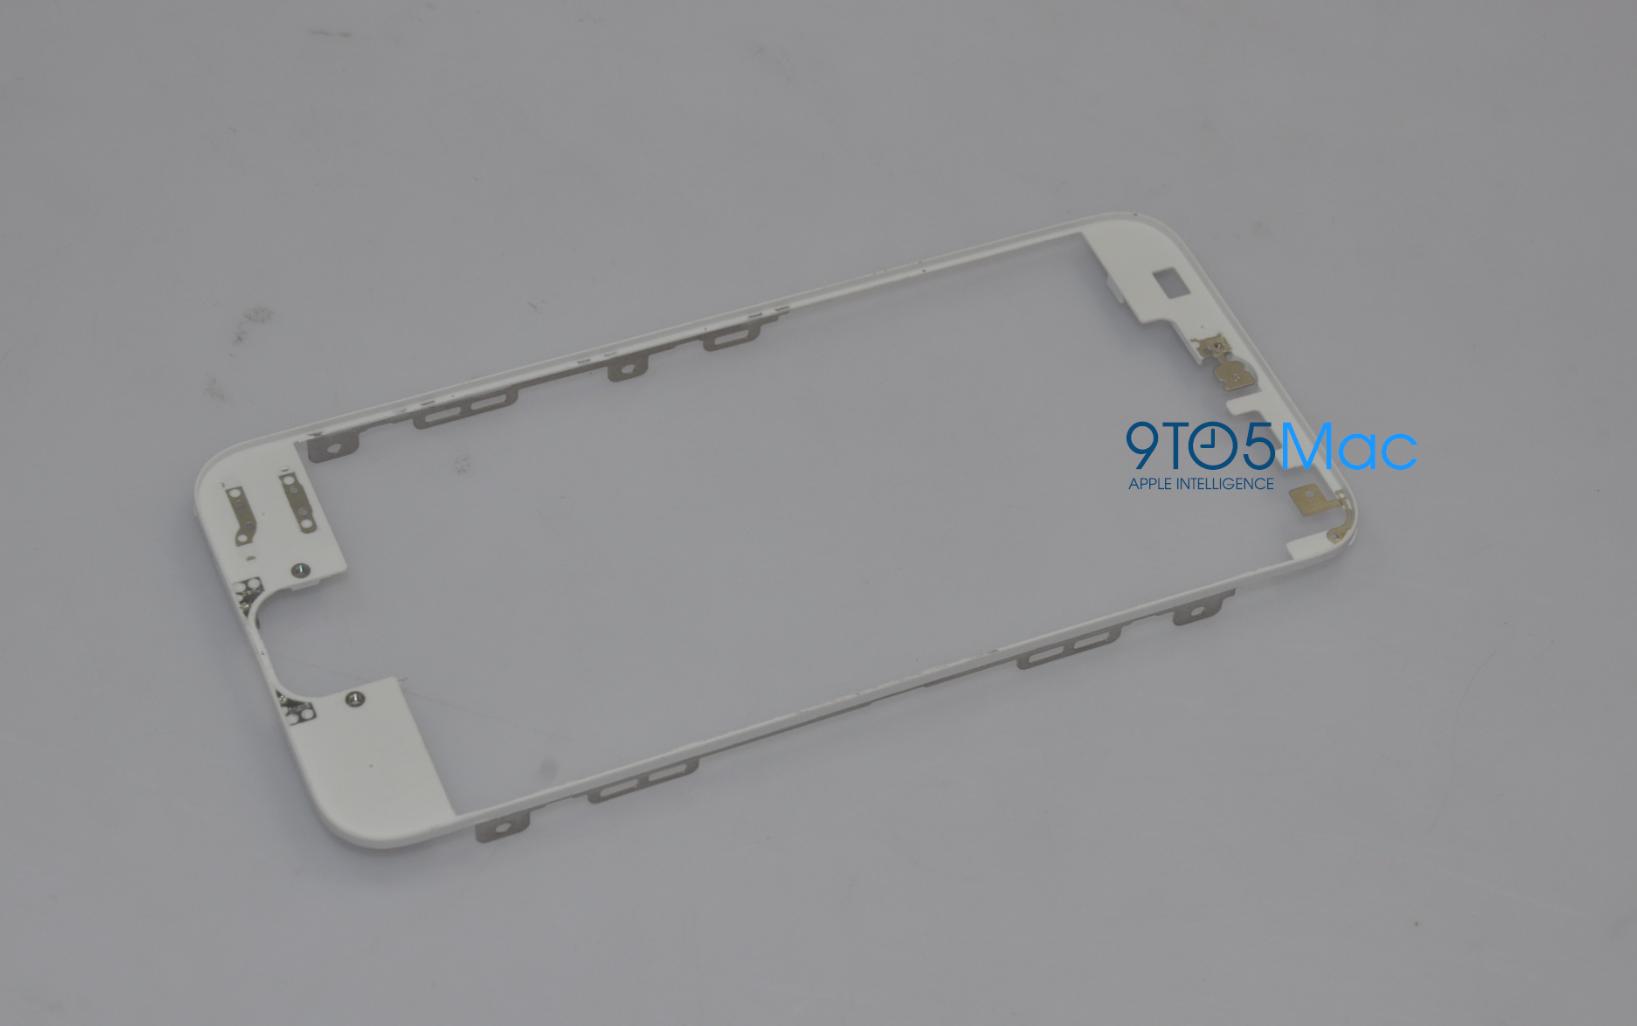 Bilder vom neuen iPhone aufgetaucht-white9to5frame.png